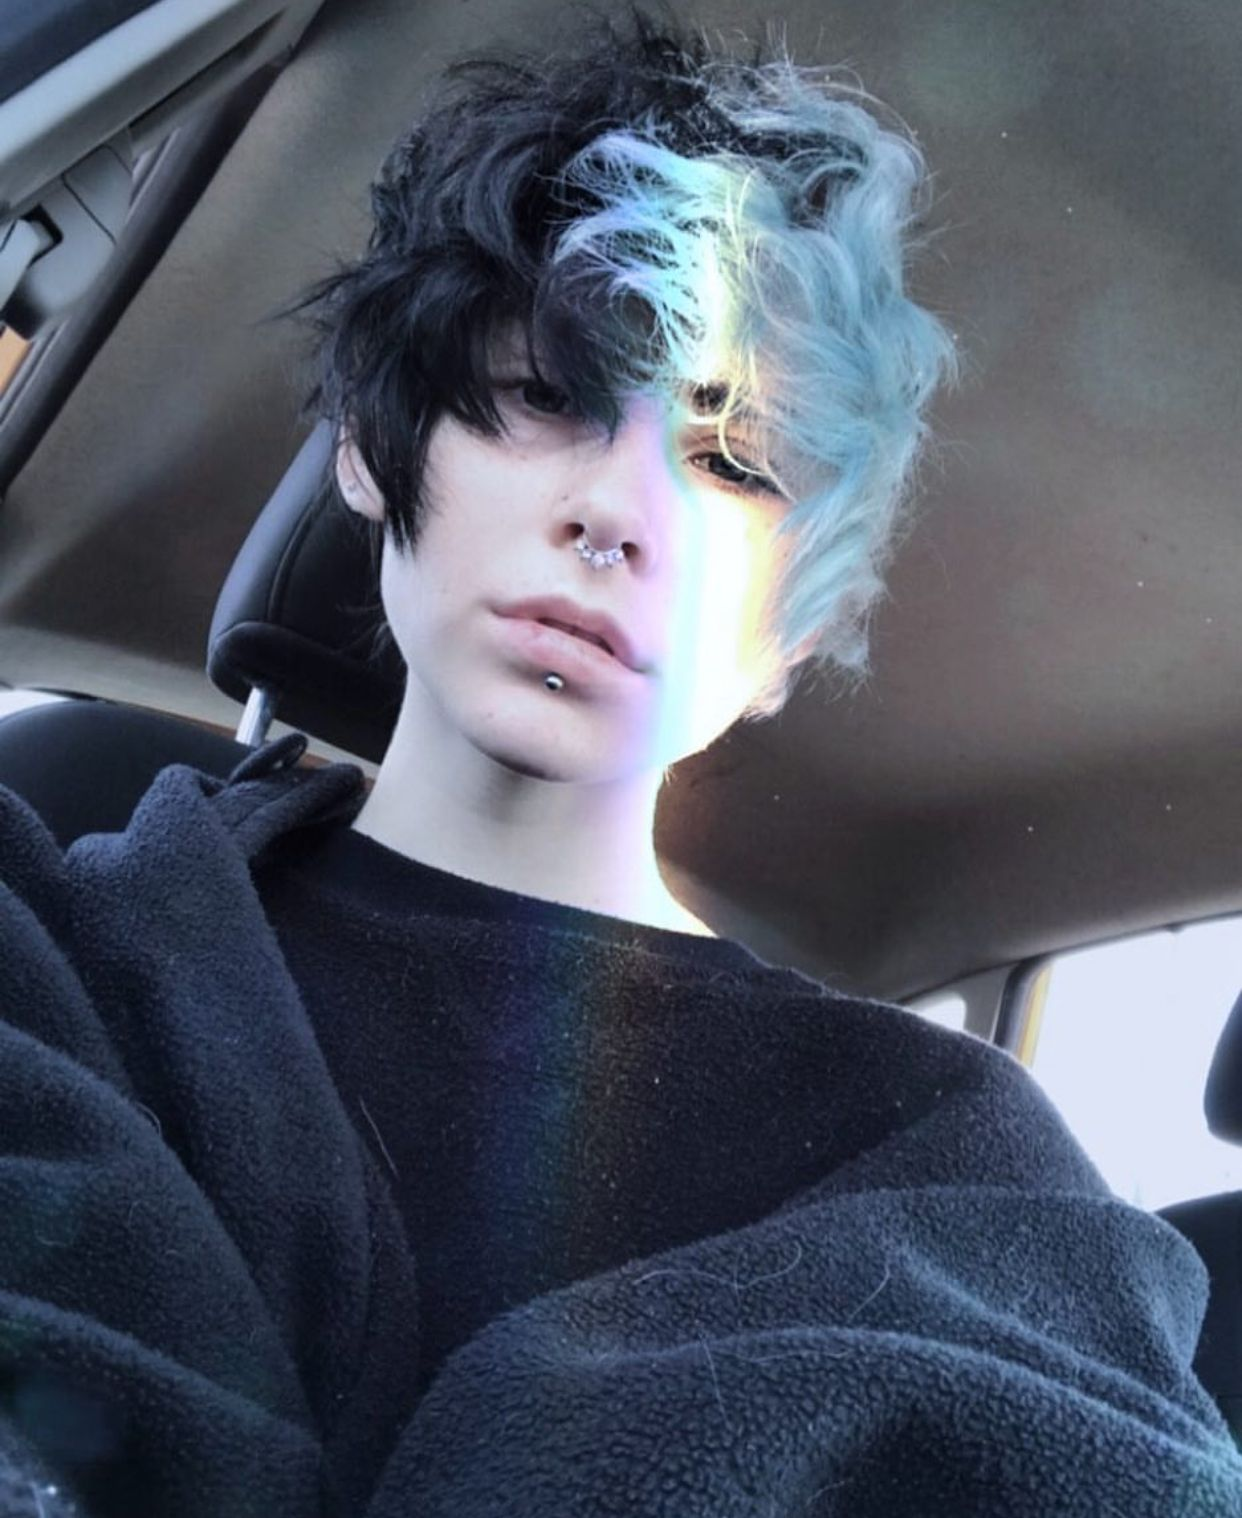 Pin by ┊失望┊ on ԹҽօԹӀҽ Boys colored hair, Short dyed hair